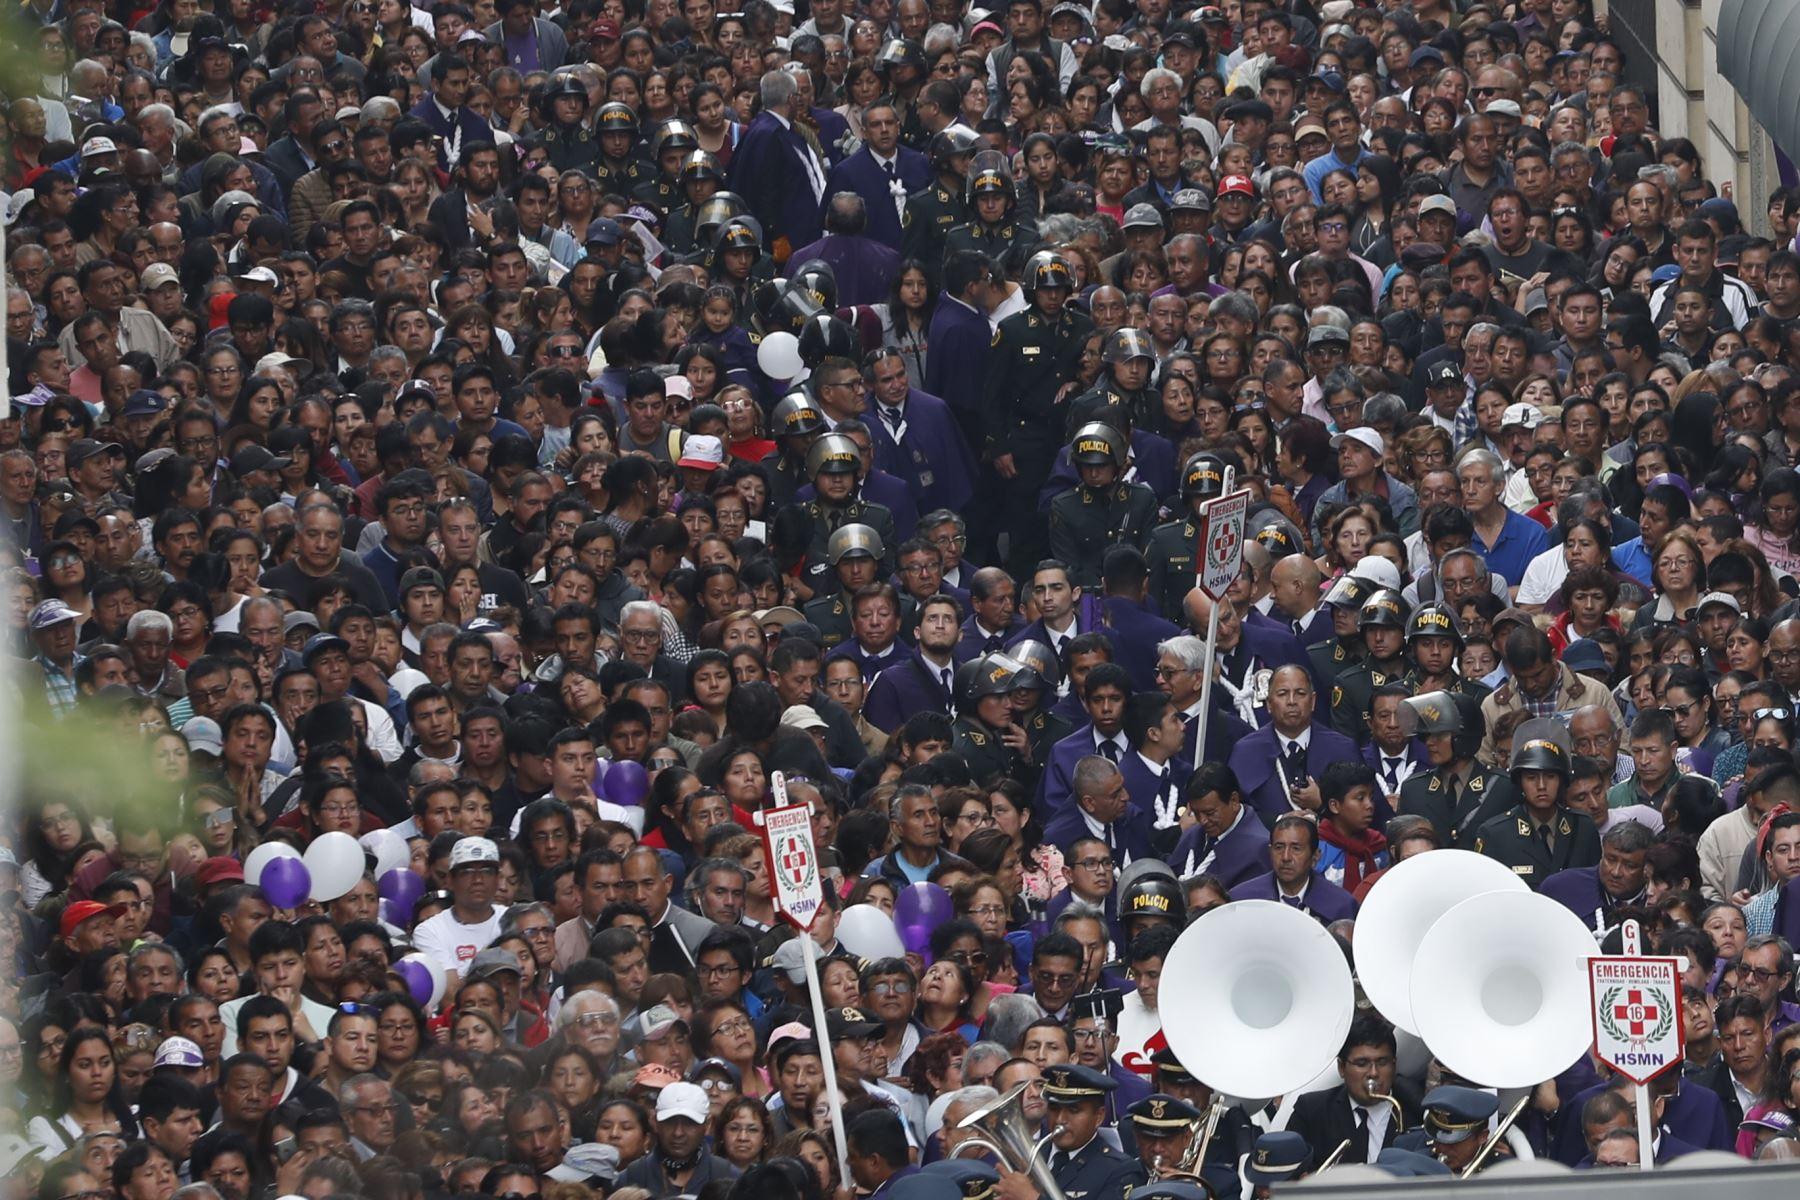 Procesión del Señor de los Milagros recorre Centro de Lima. Foto: ANDINA/Renato Pajuelo